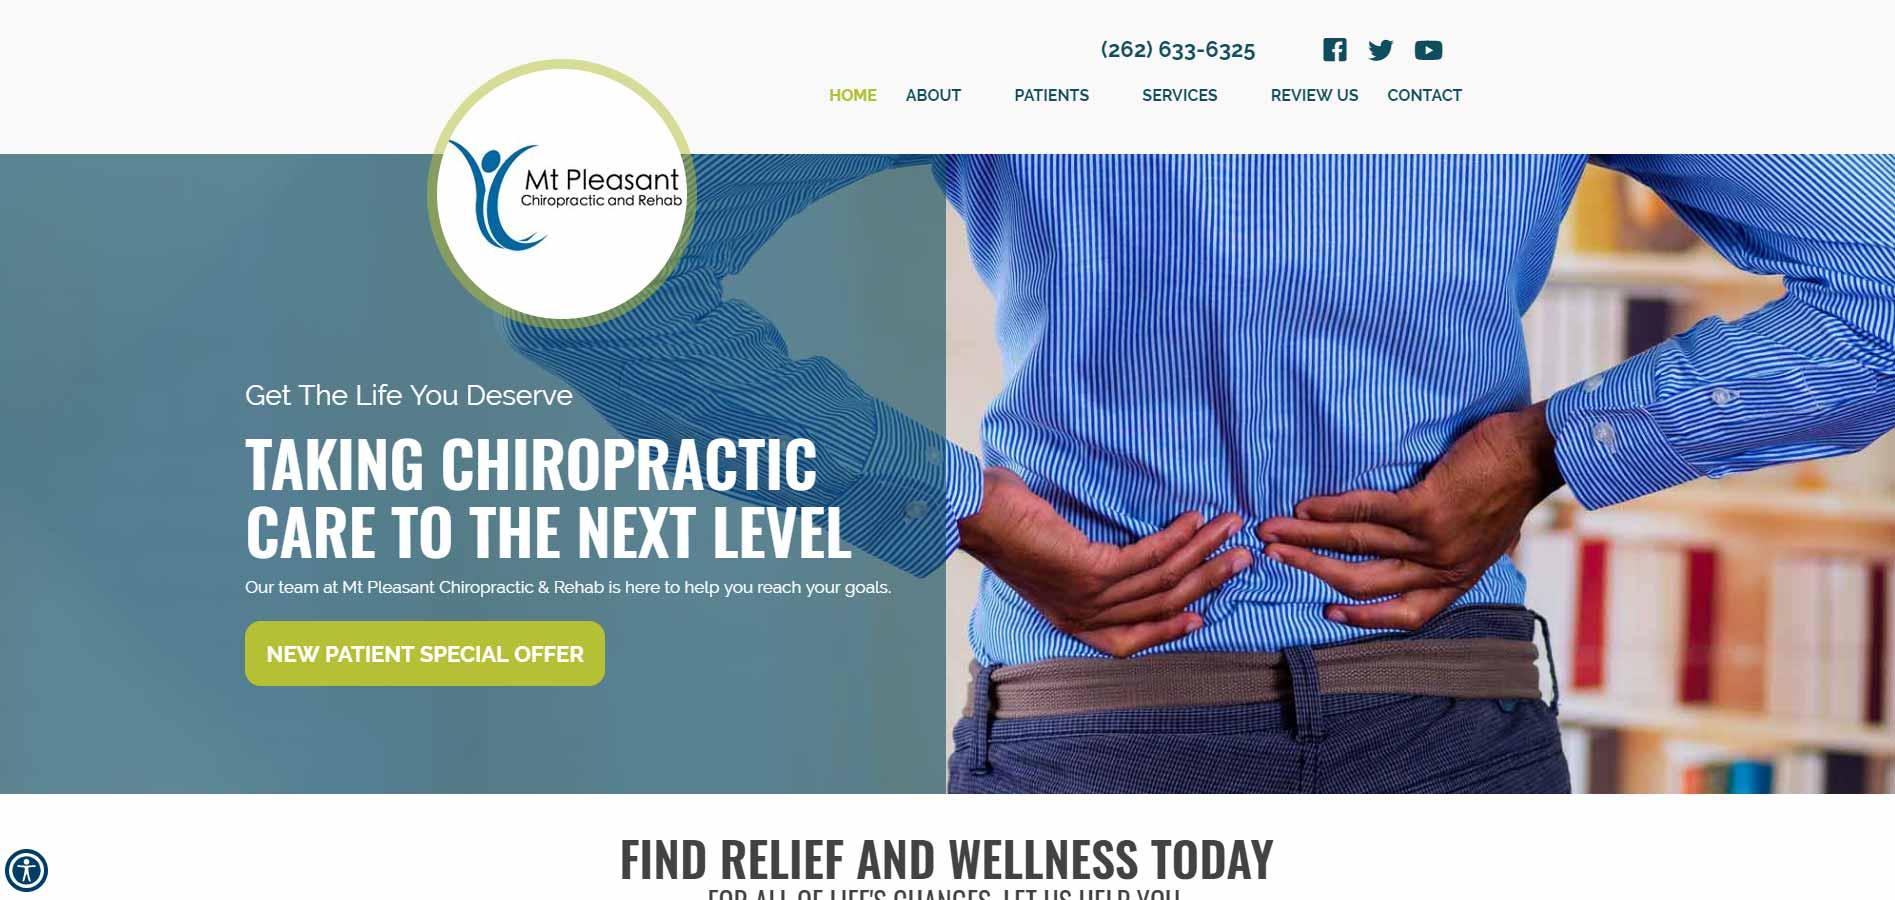 Chiropractor Racine WI Mt Pleasant Chiropractic & Rehab